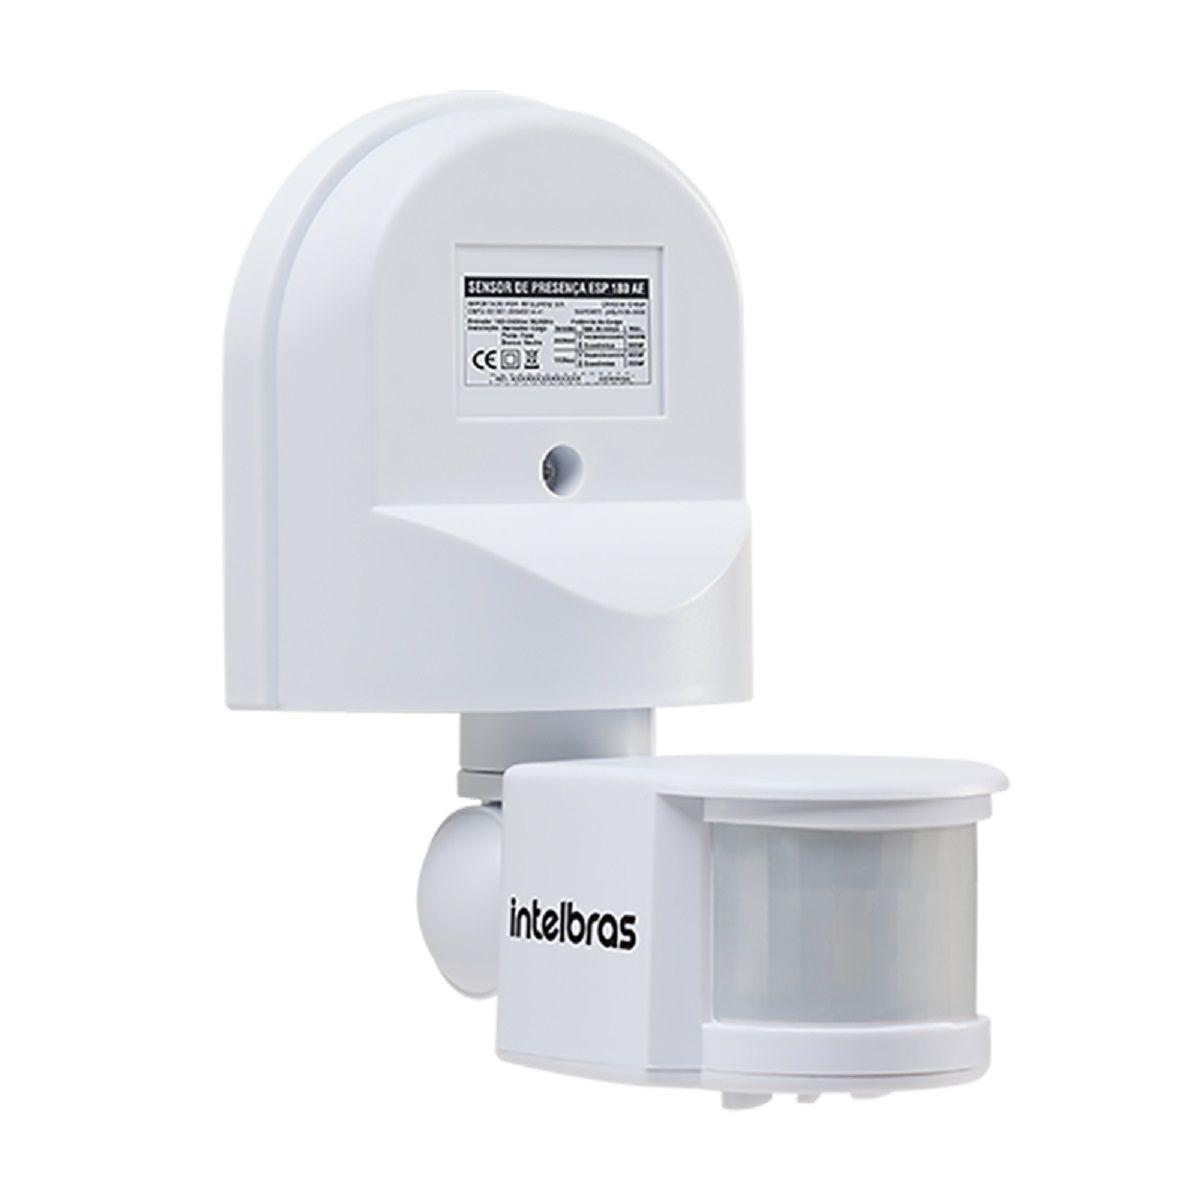 Sensor de presença para iluminação intelbras ESP 180 AE  - JS Soluções em Segurança